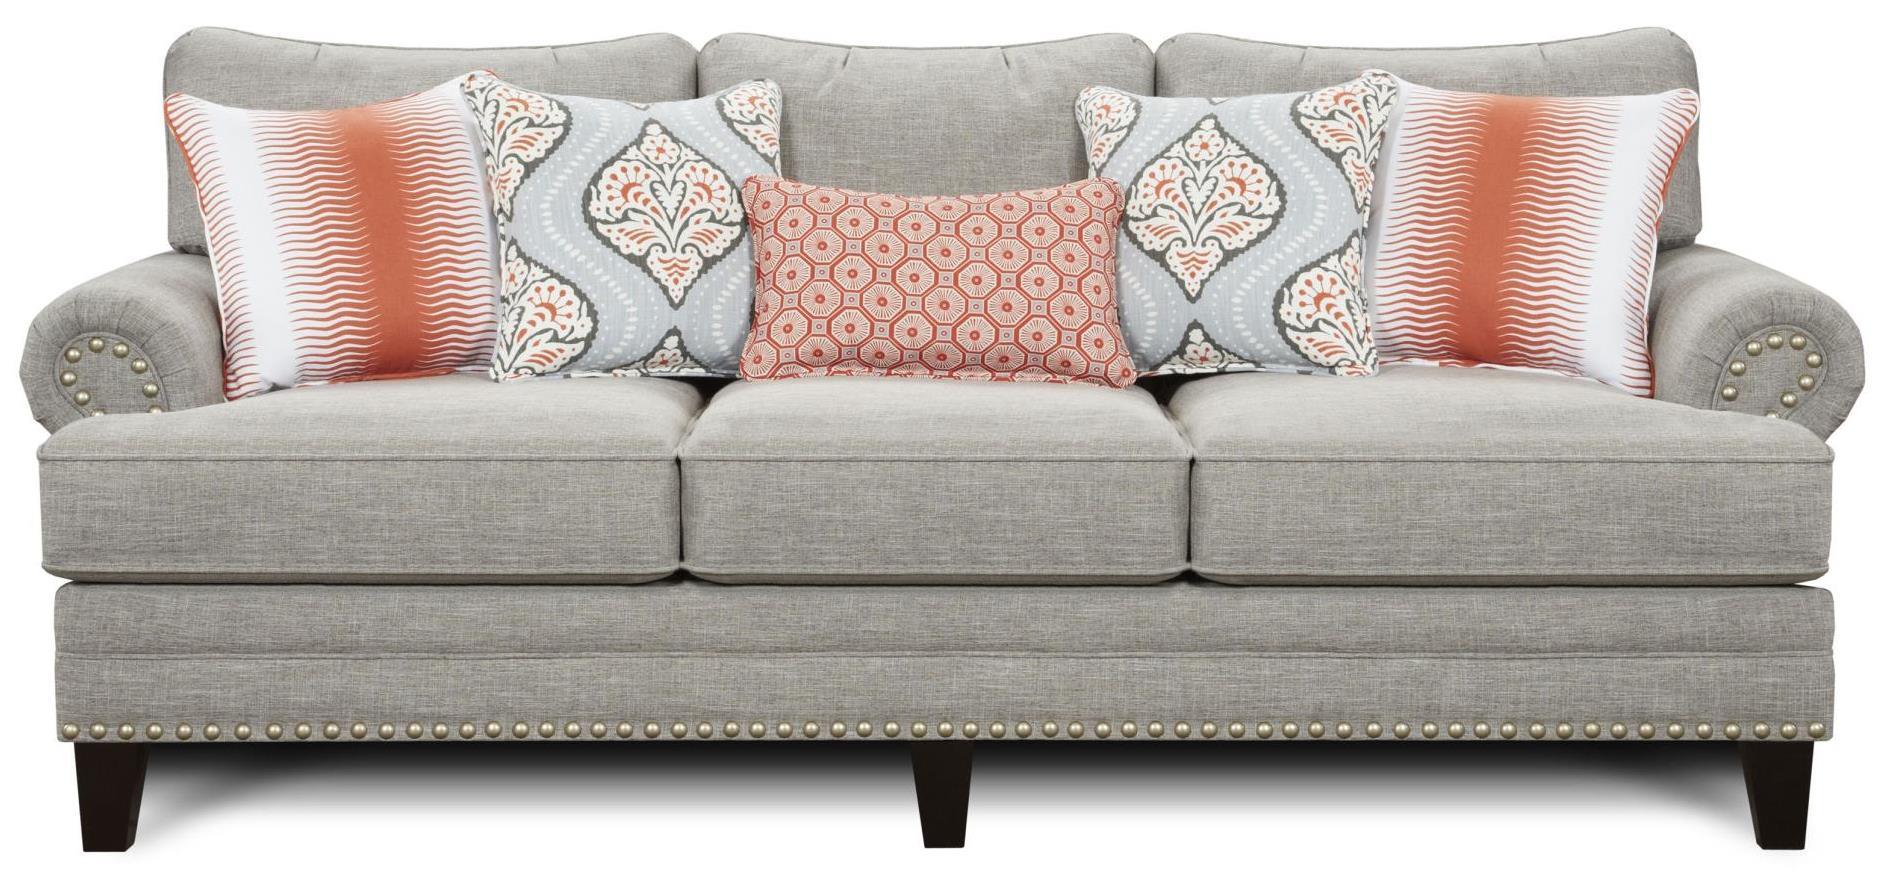 Fusion Furniture 2830 Sofa - Item Number: 2830-KPParadigm Quartz